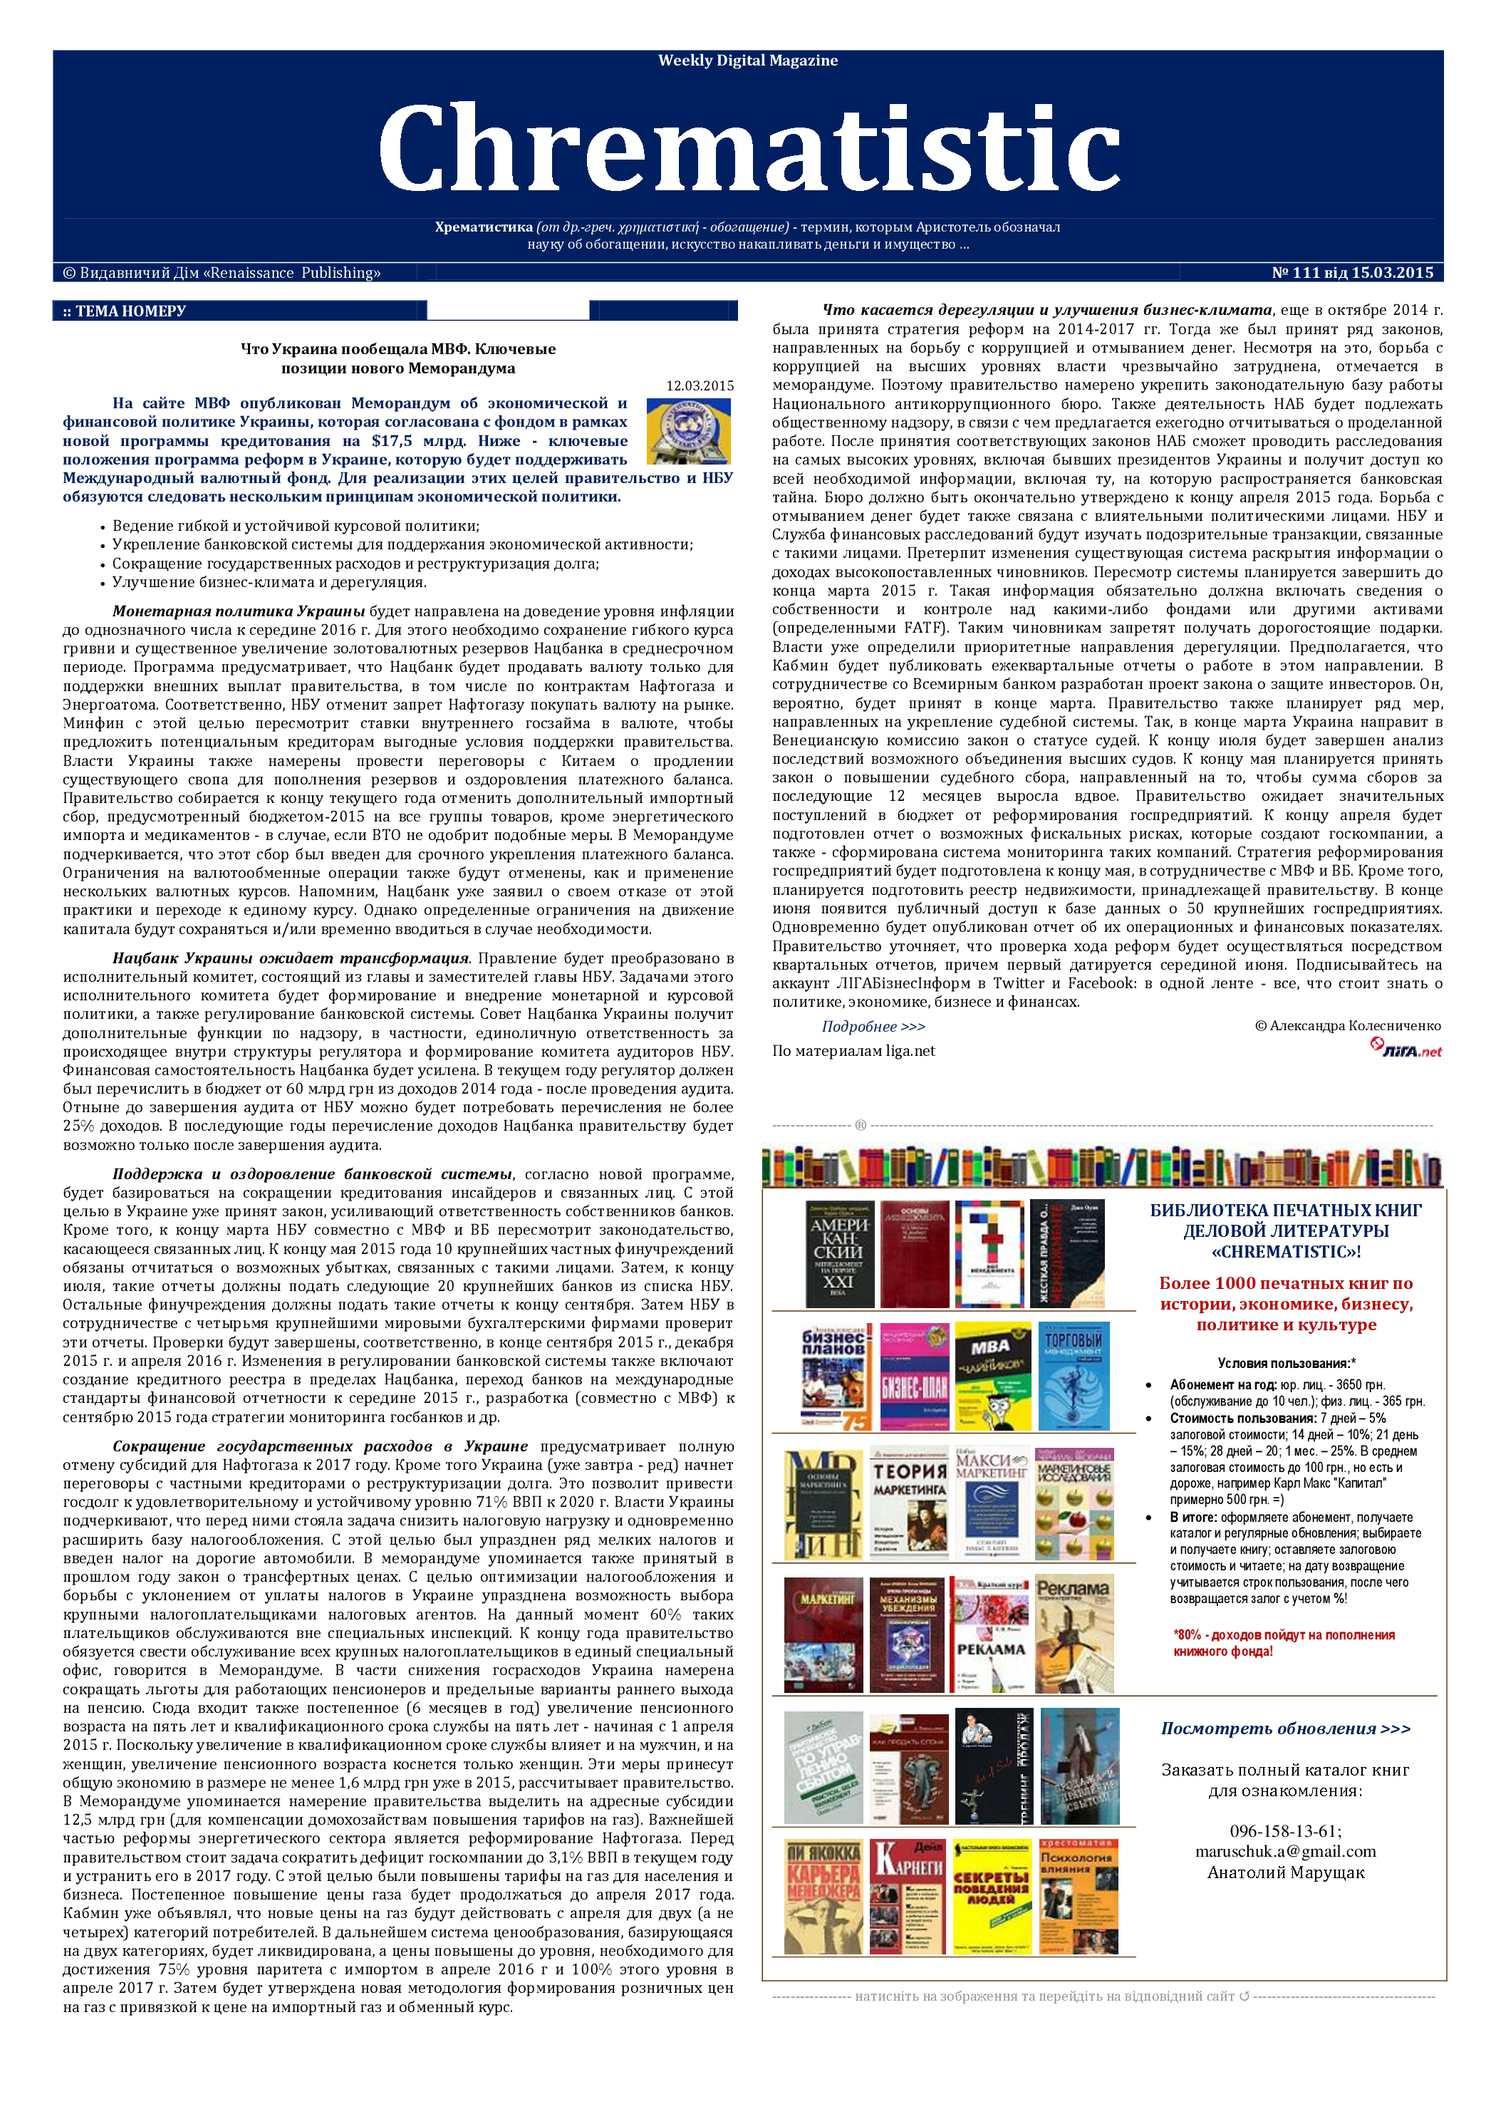 Calaméo - №111 Wdm «Chrematistic» от 15 03 2015 f1d8648c94d0d